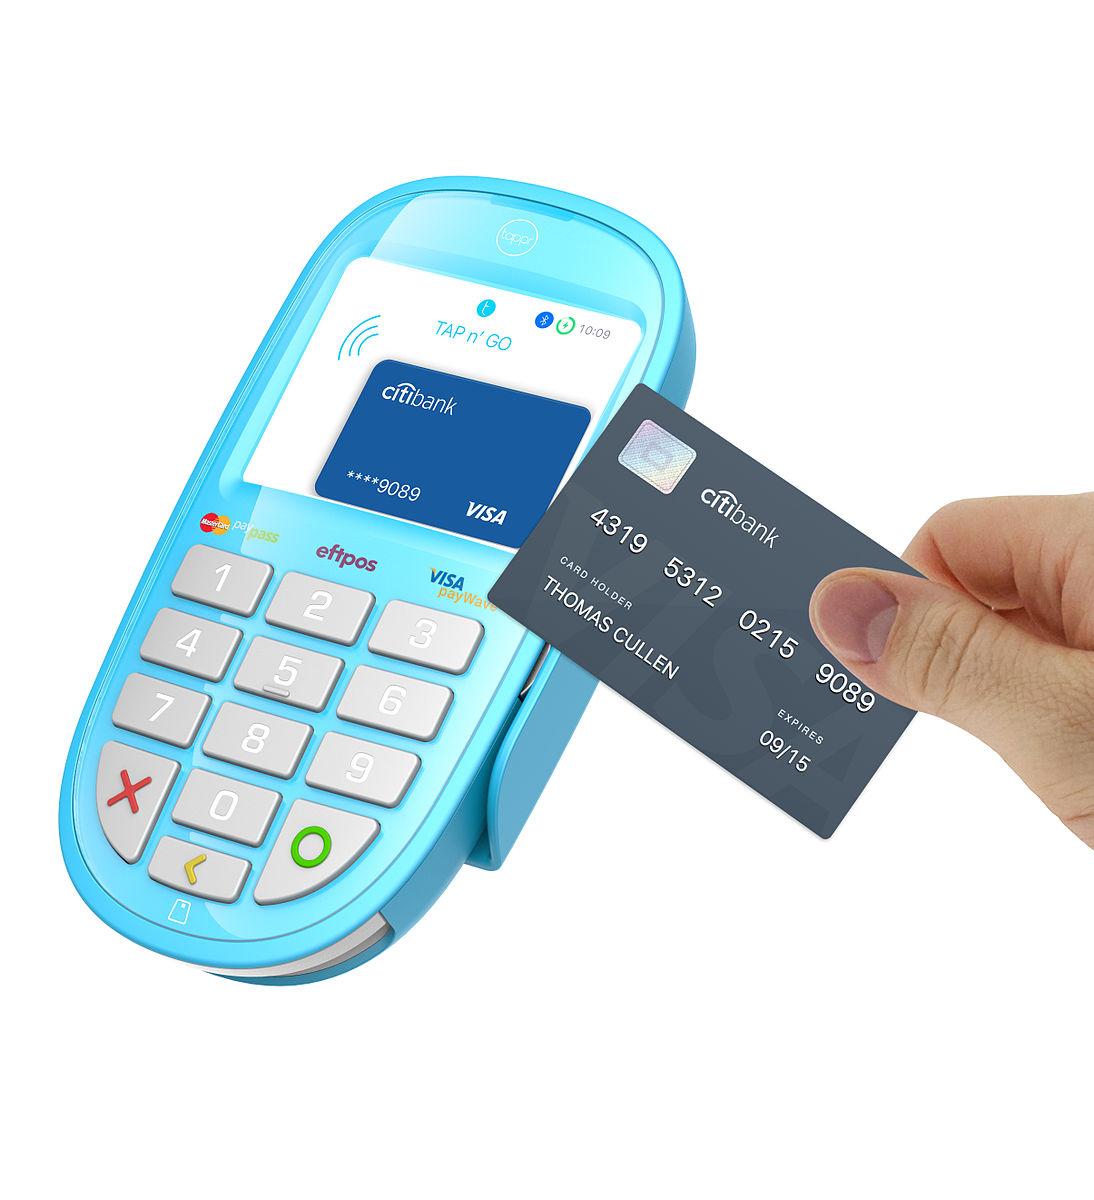 hoy en dia el sistema nfc permite pagar directamente desde el movil